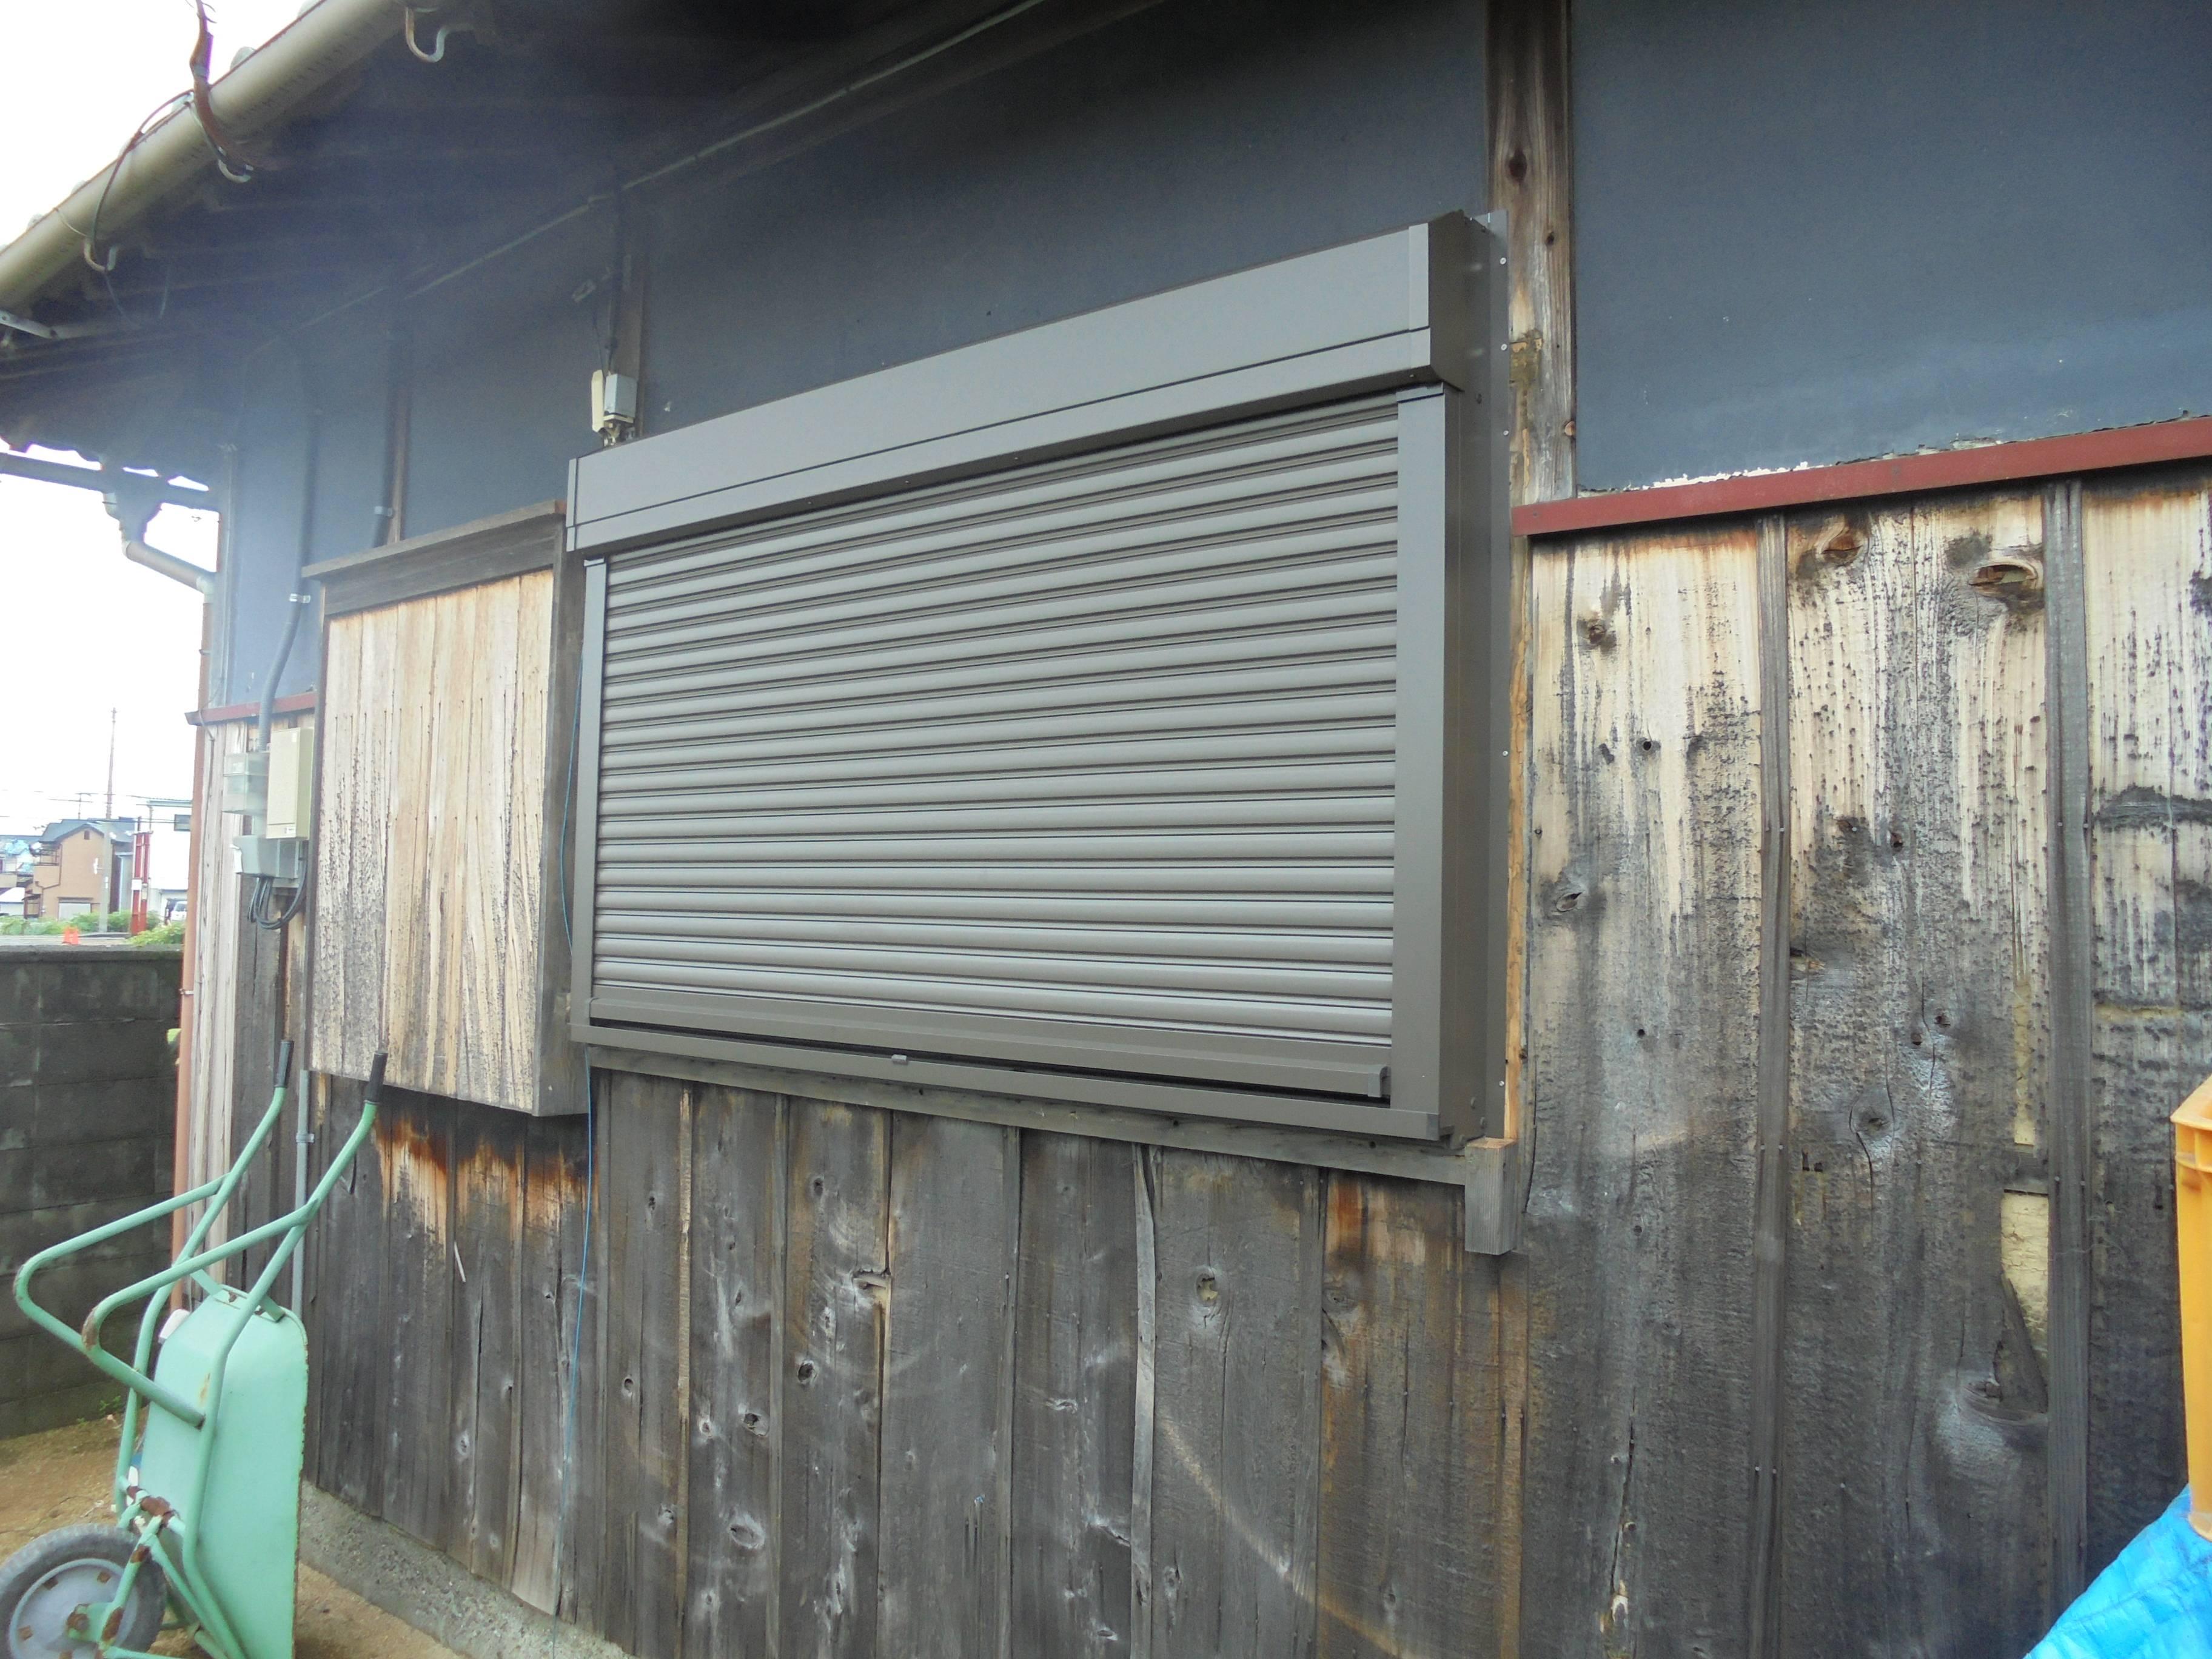 古くなったサッシを交換! 北摂トーヨー住器の現場ブログ 写真2